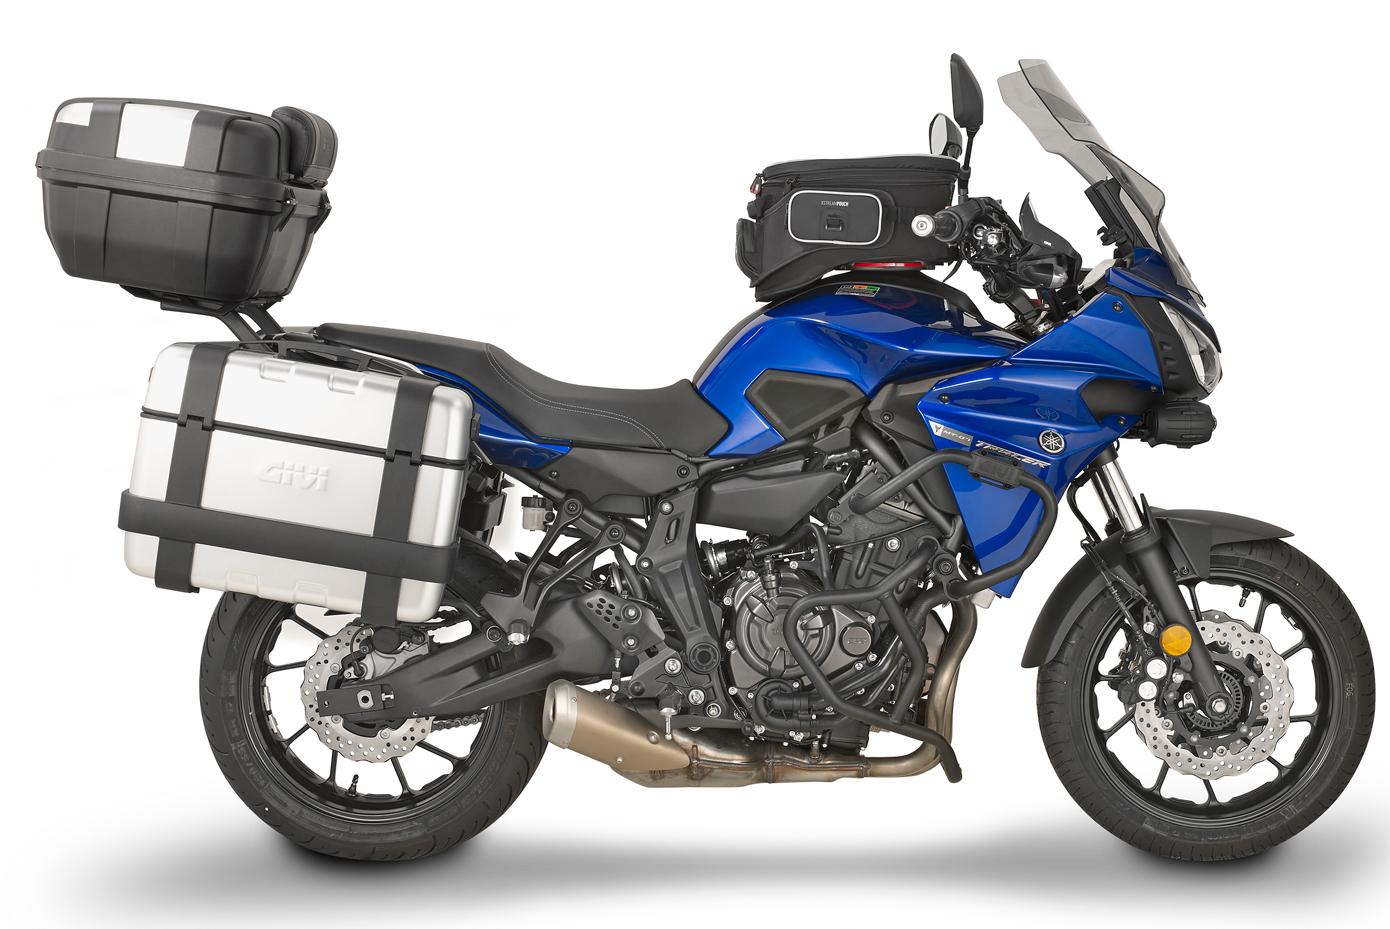 48133 TN2130 GIVI Engine Guard For Yamaha Tracer 700